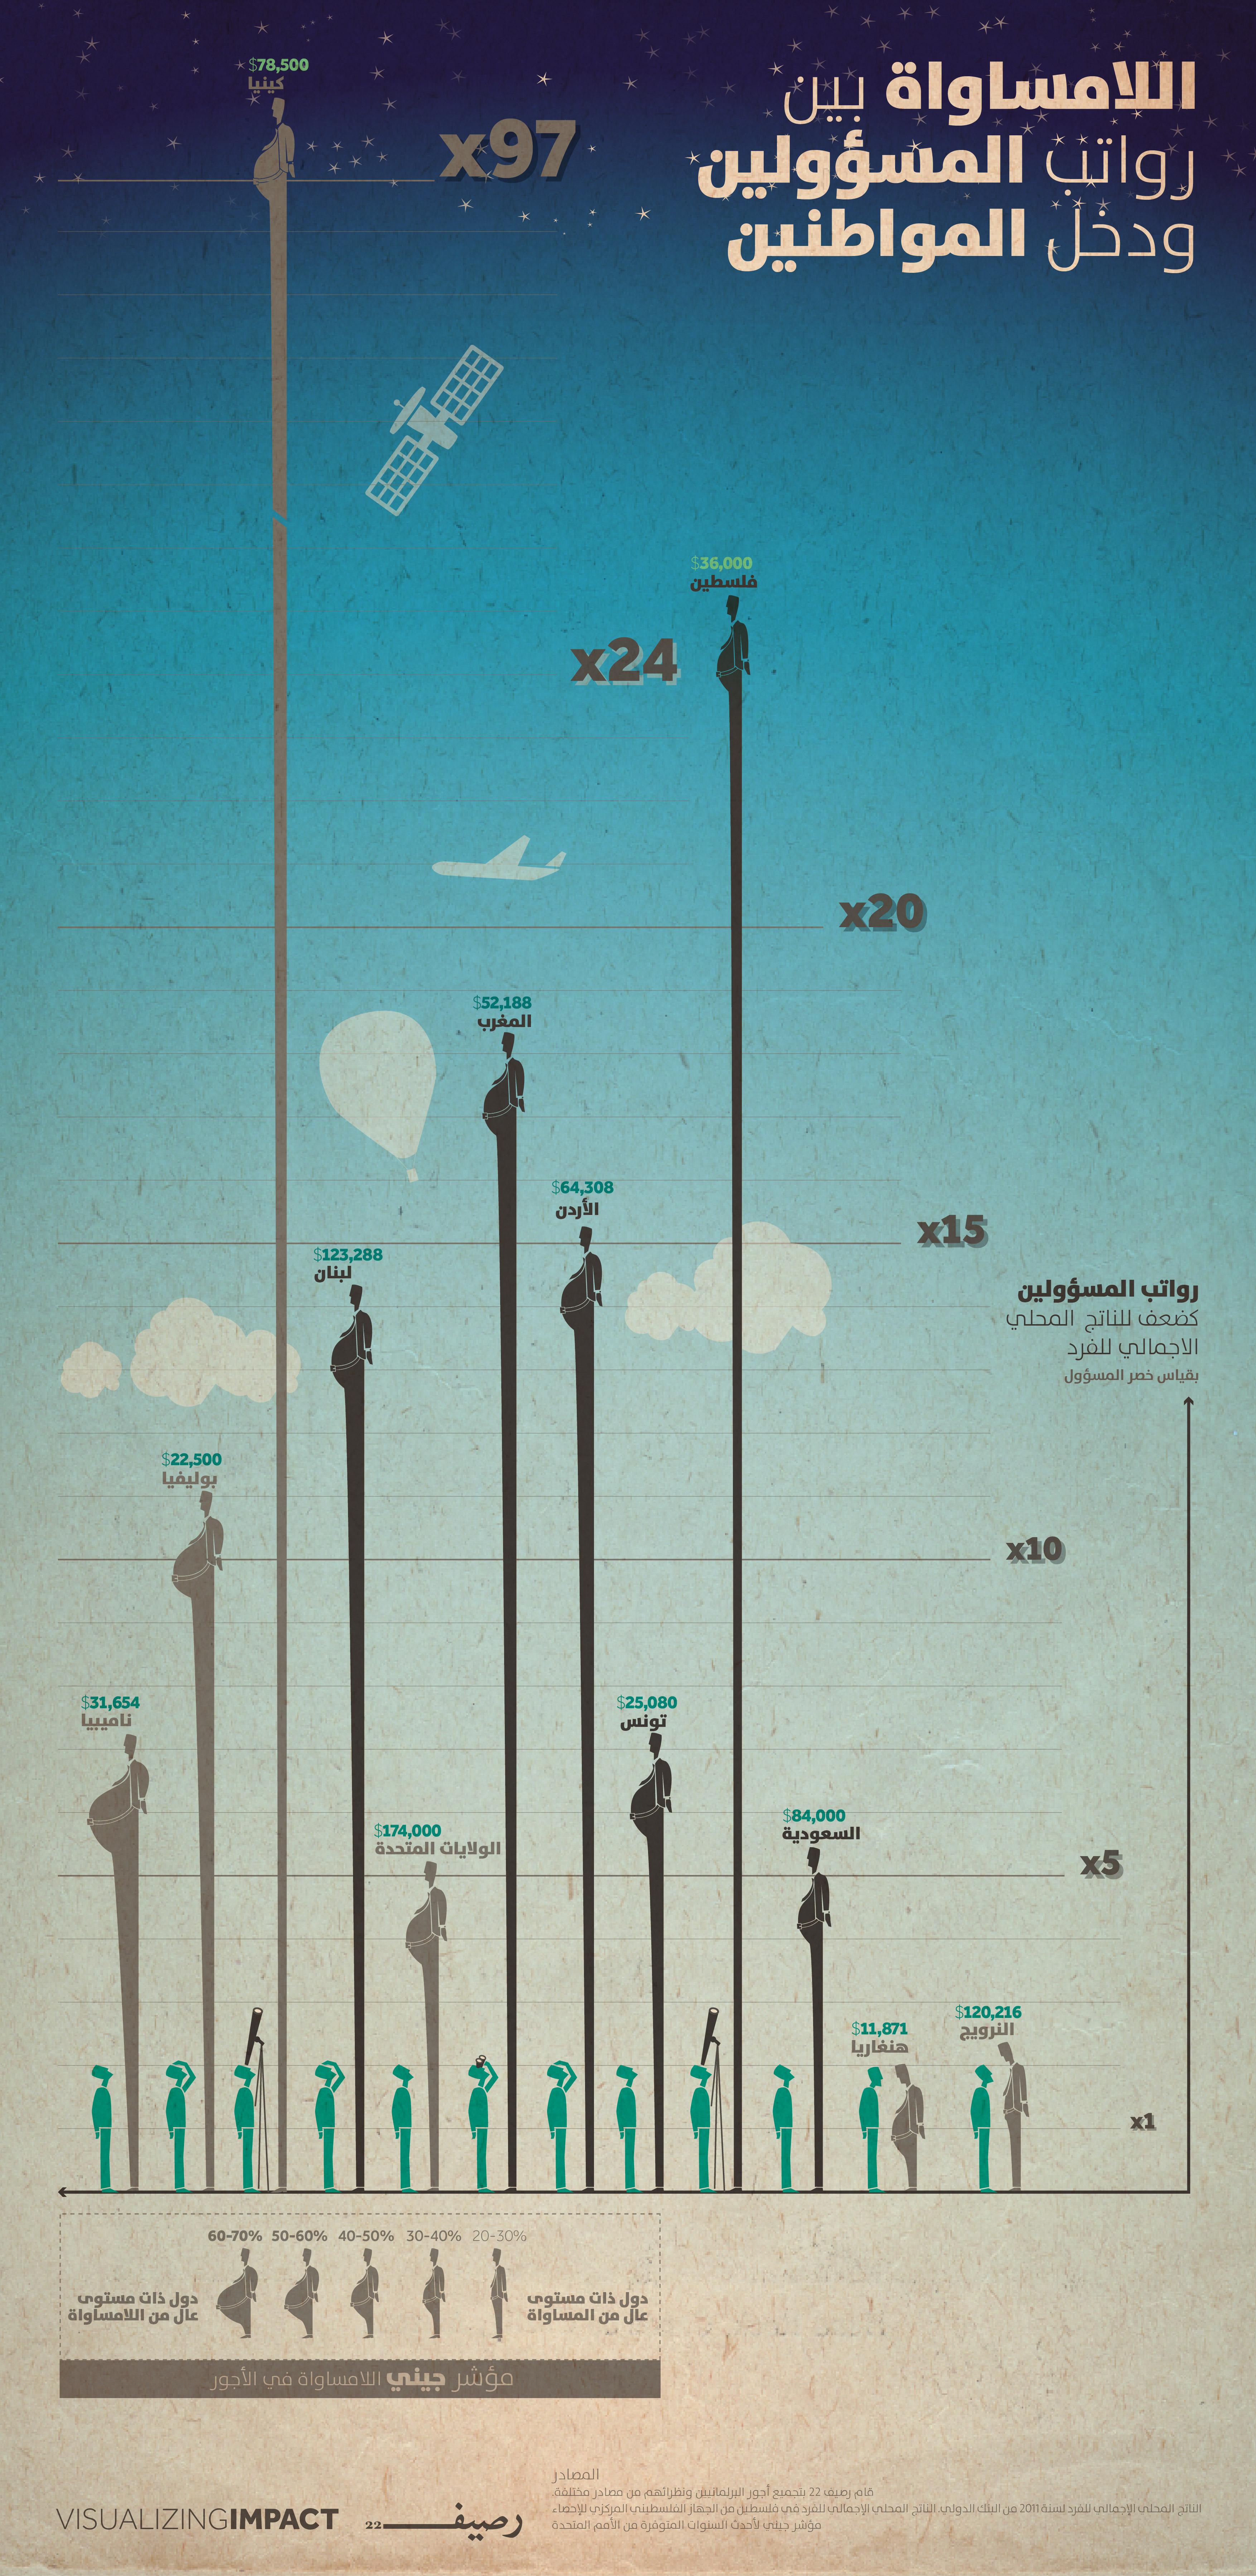 رواتب المسؤولين في العالم - اللامساواة في الأجور